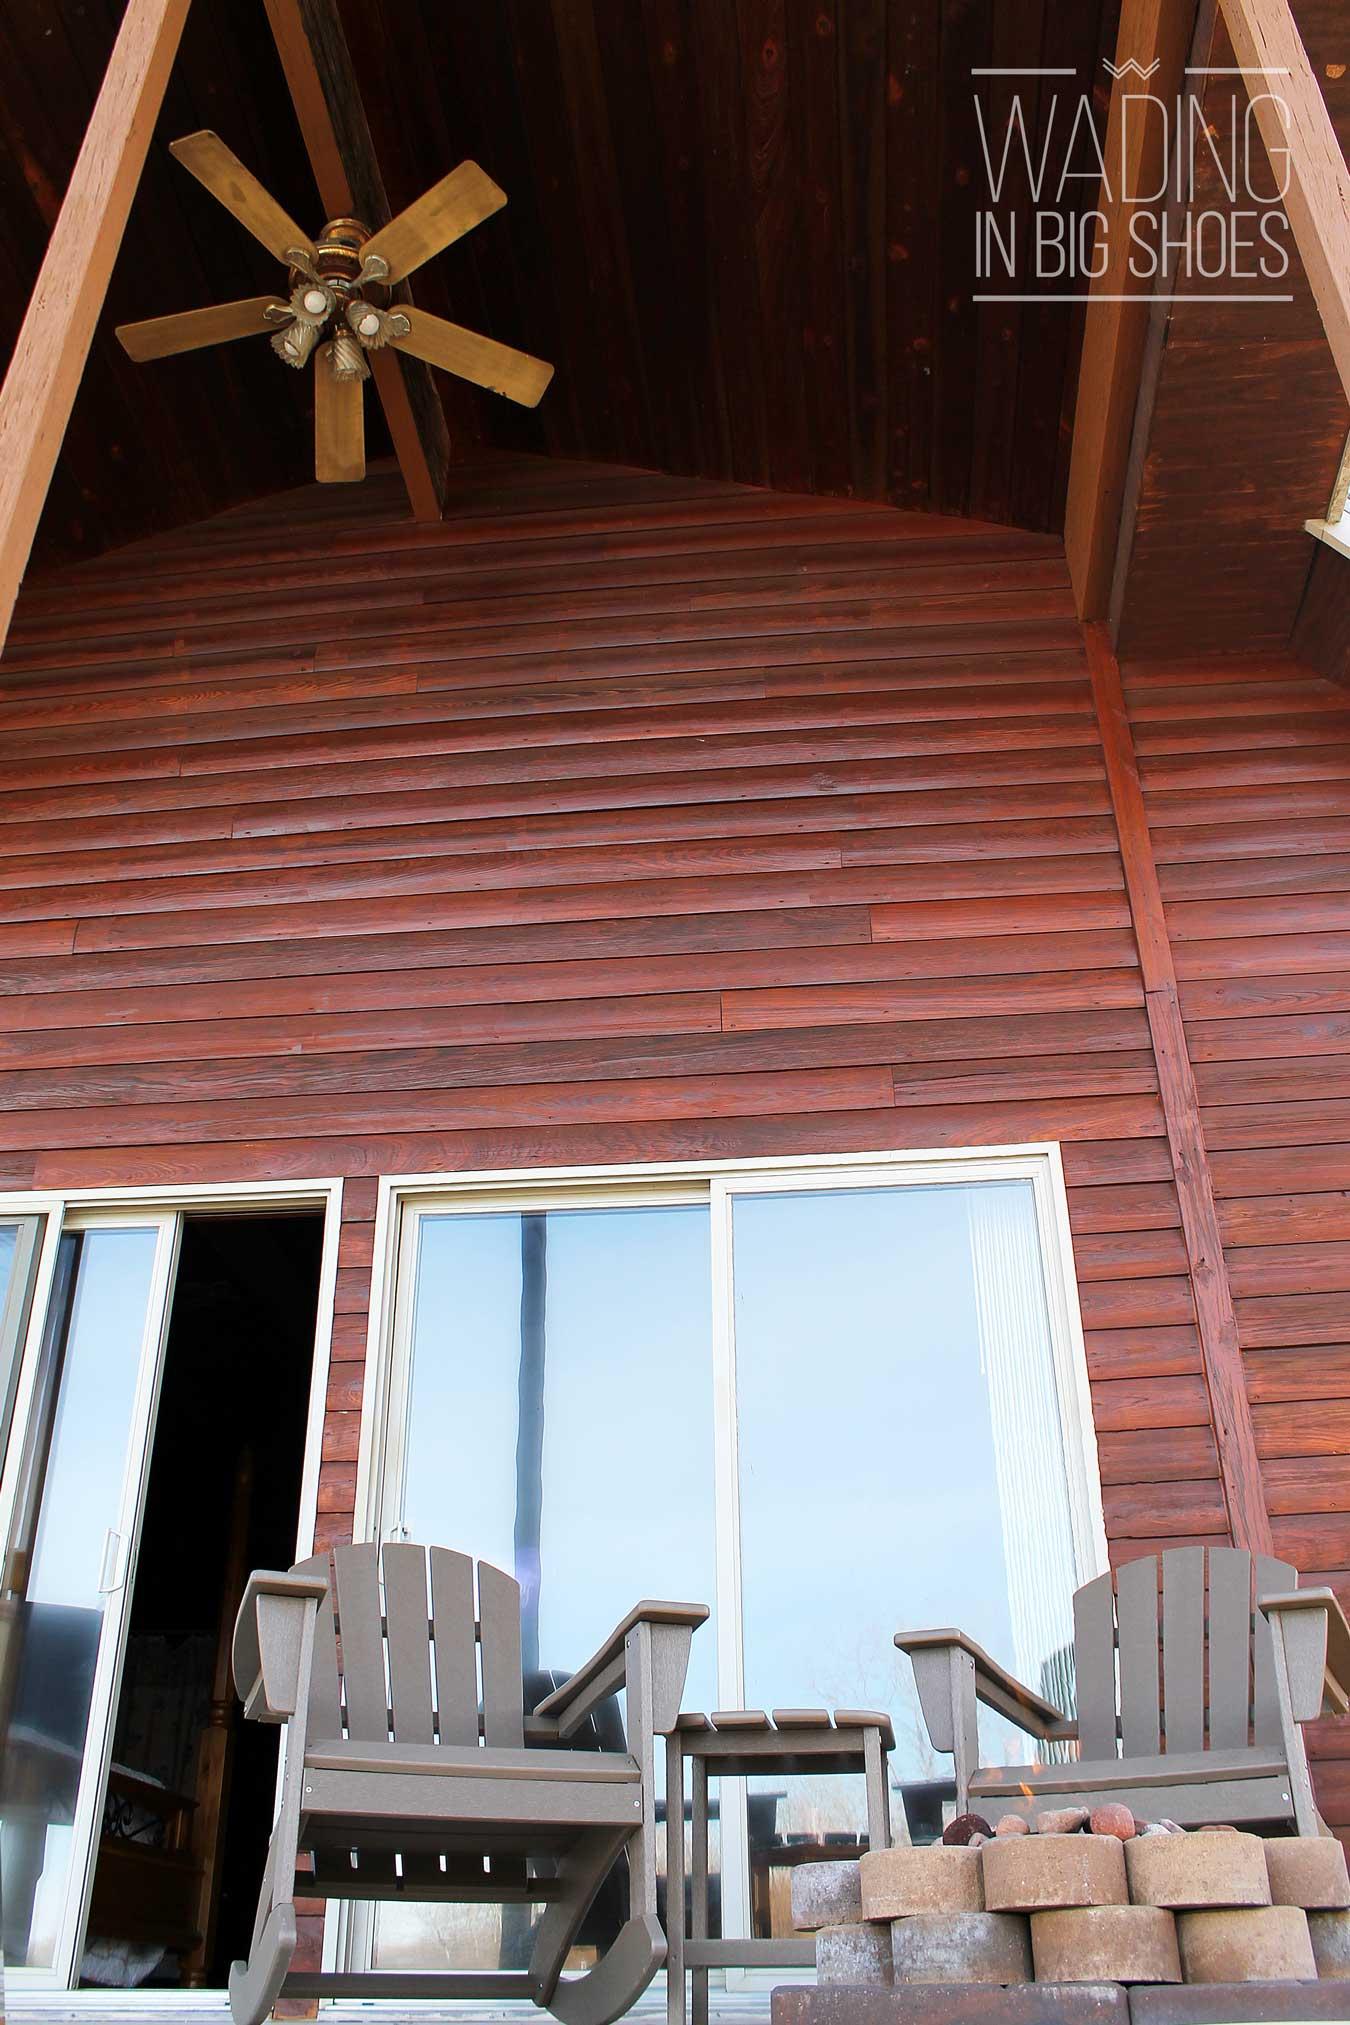 Our Midwest Weekend Getaway At Serenity Springs Resort Wading In